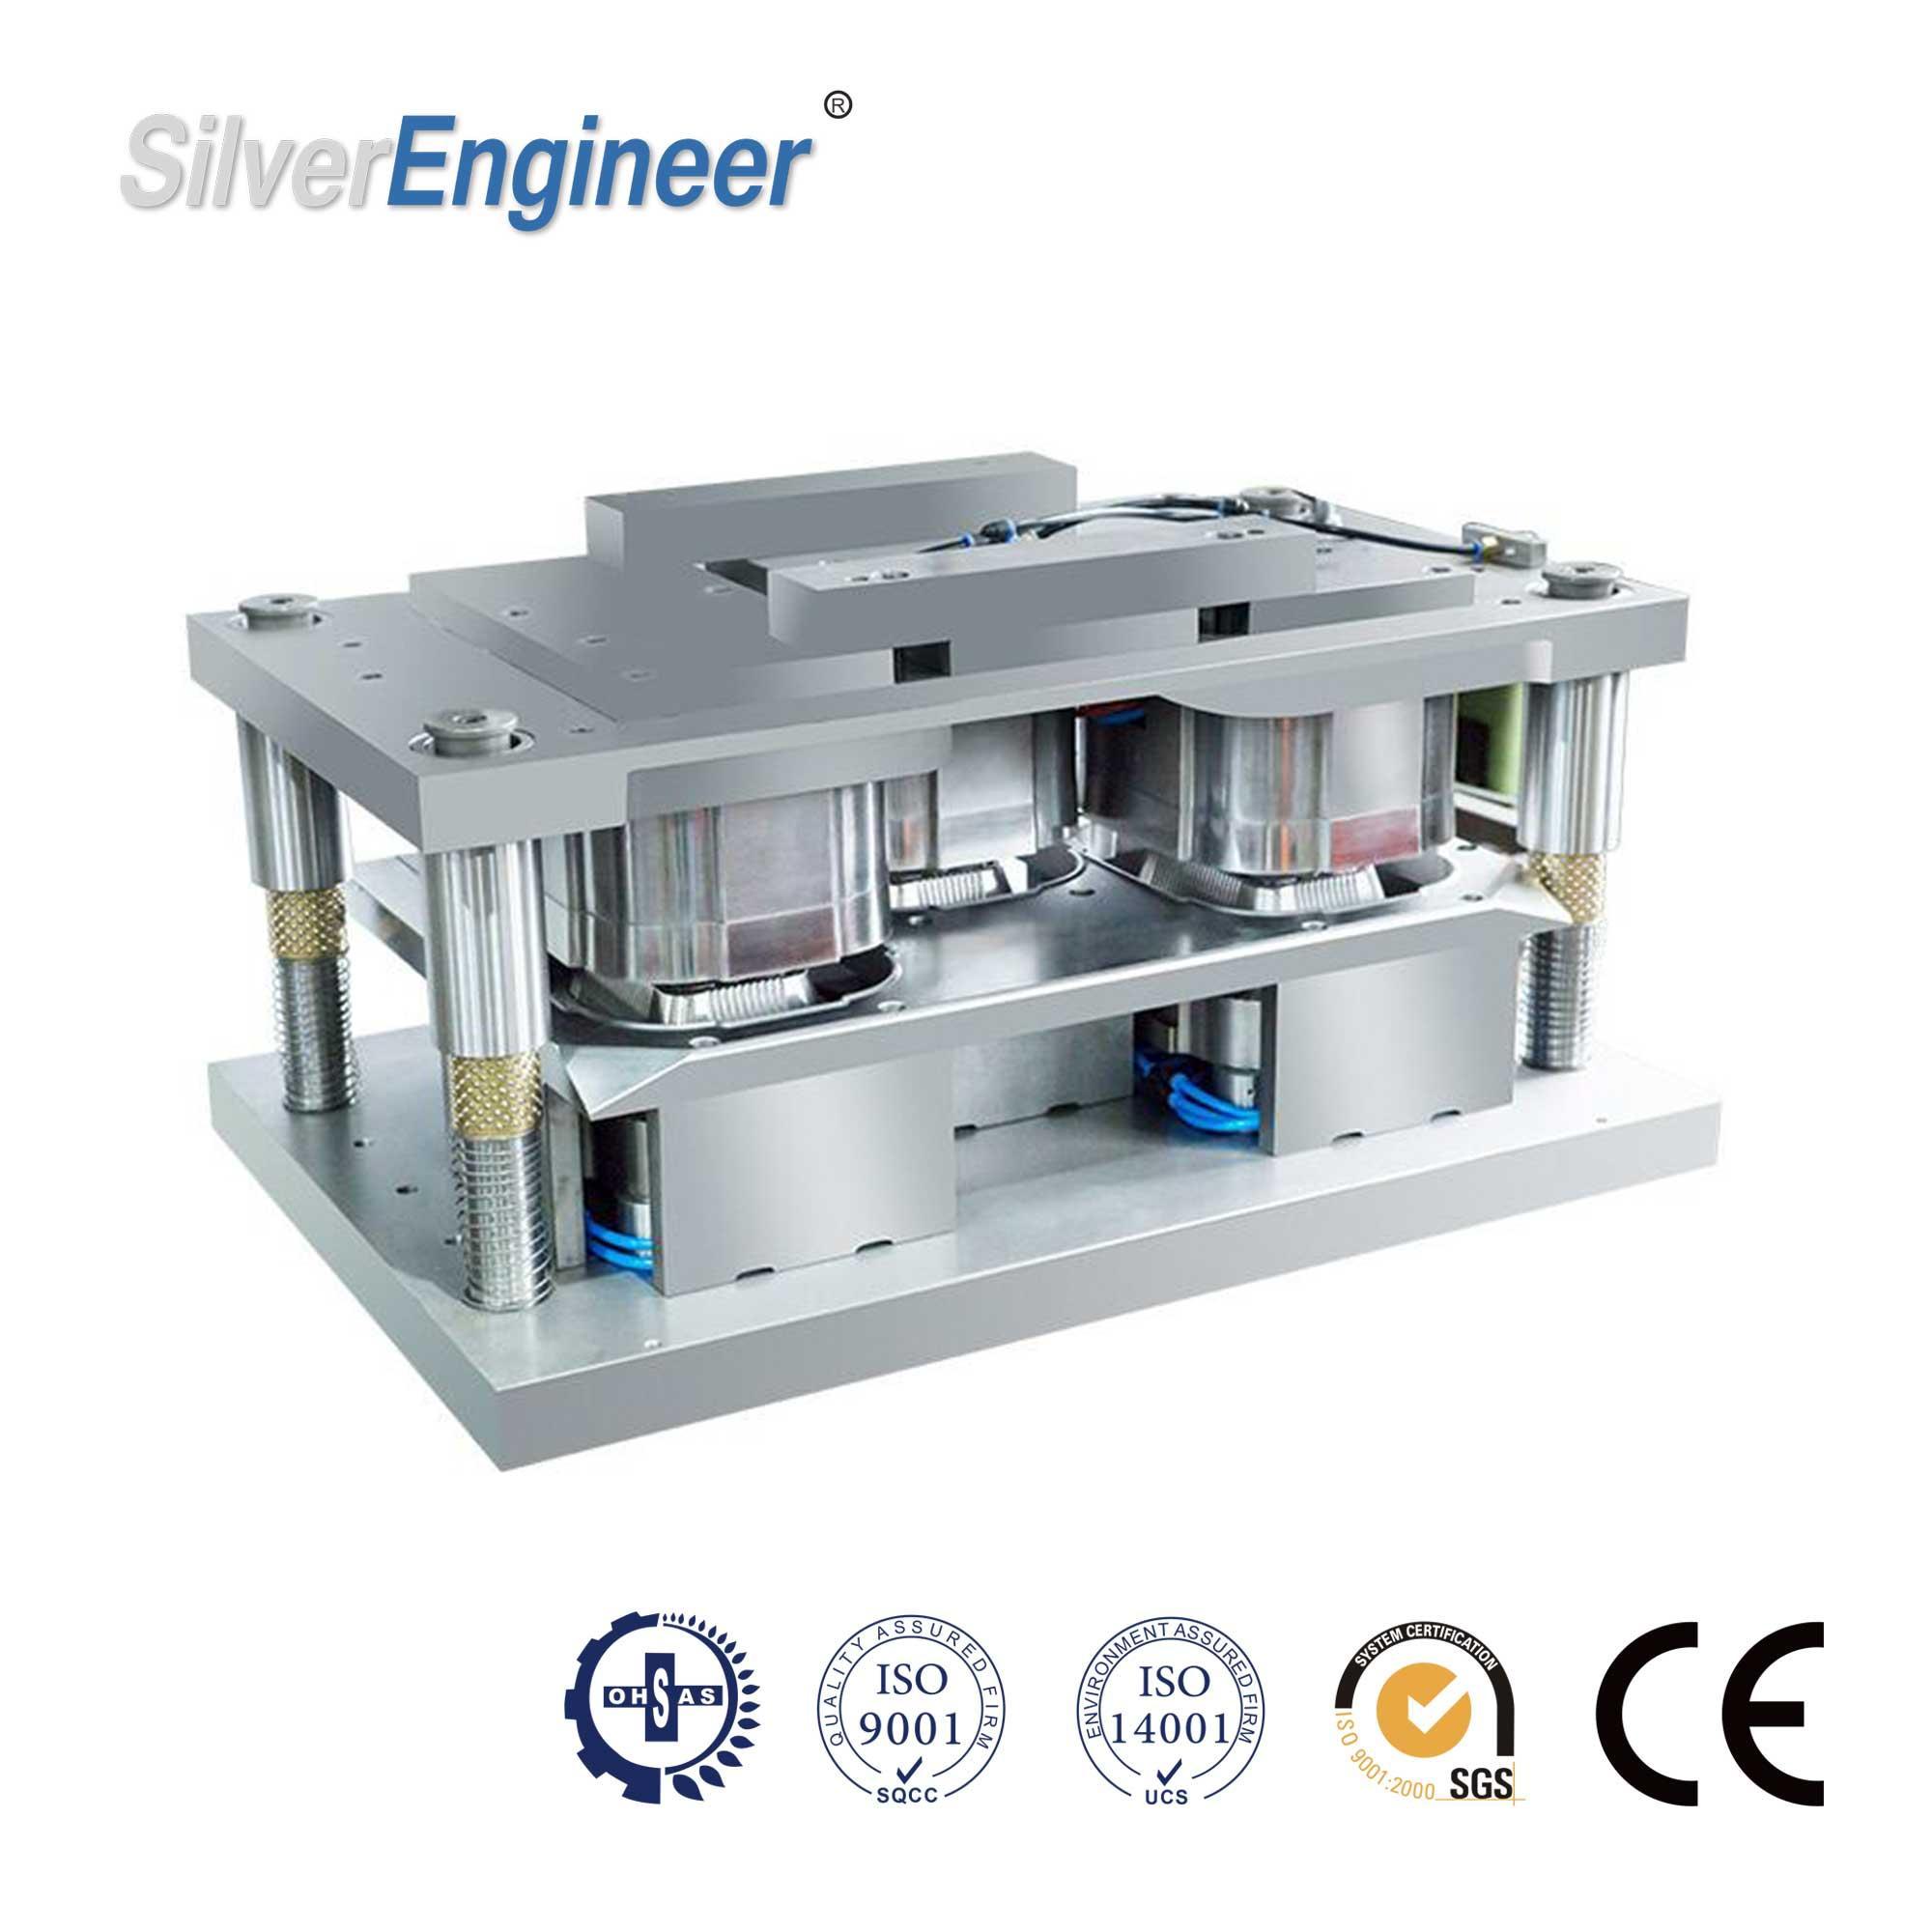 自動鋁箔錫紙餐盒容器生產線 3